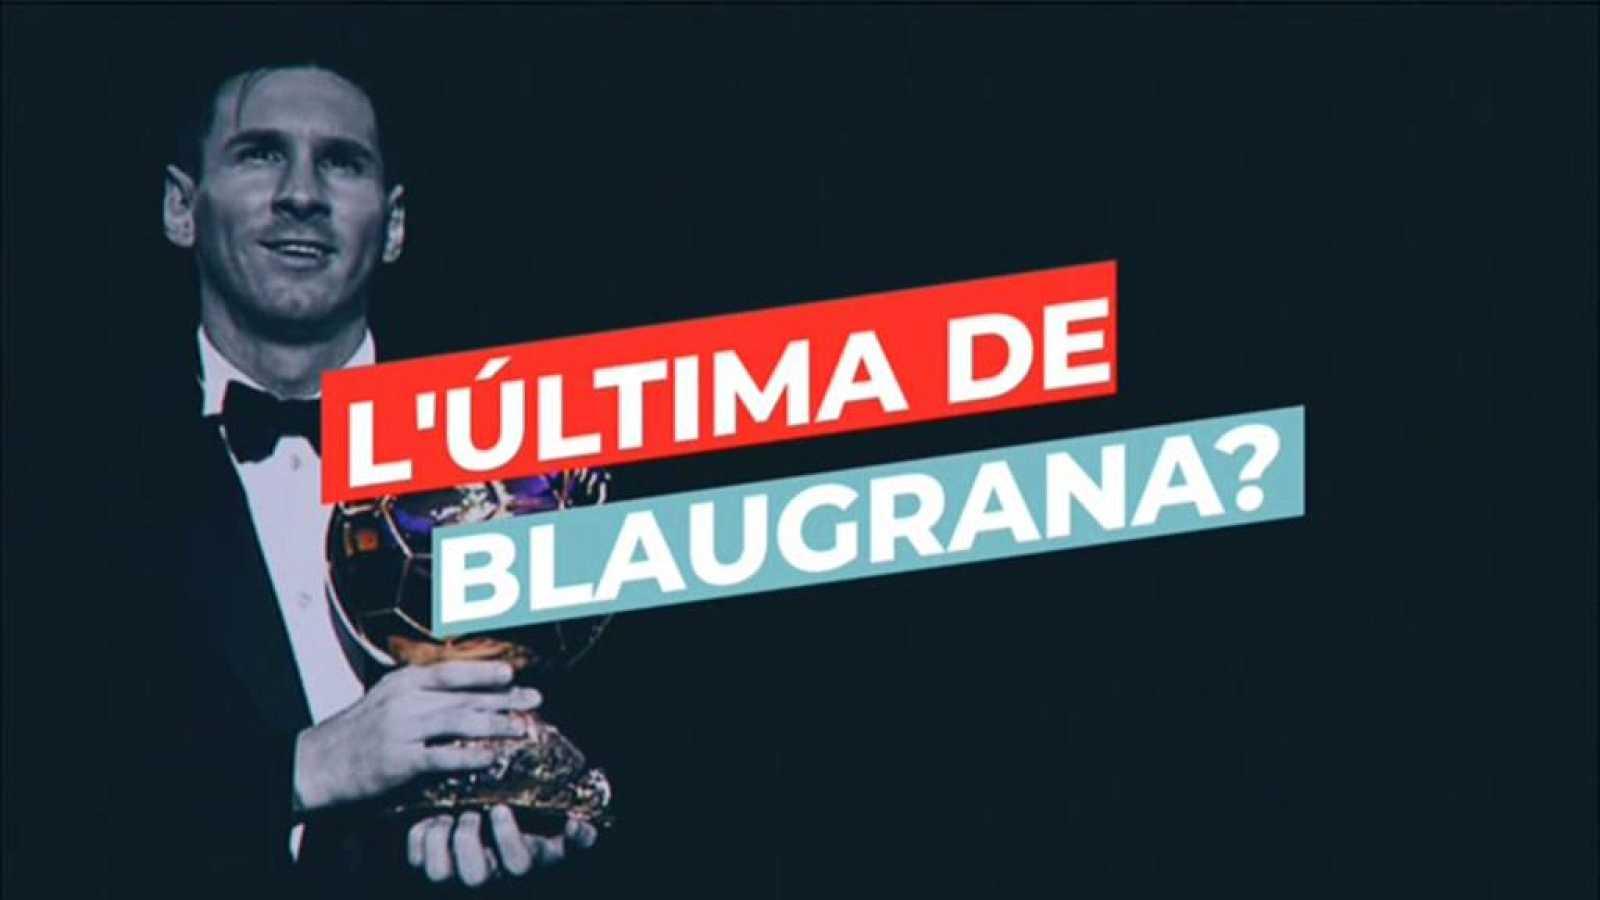 Imatges de les sis vegades que Messi ha guanyat la Pilota d'Or